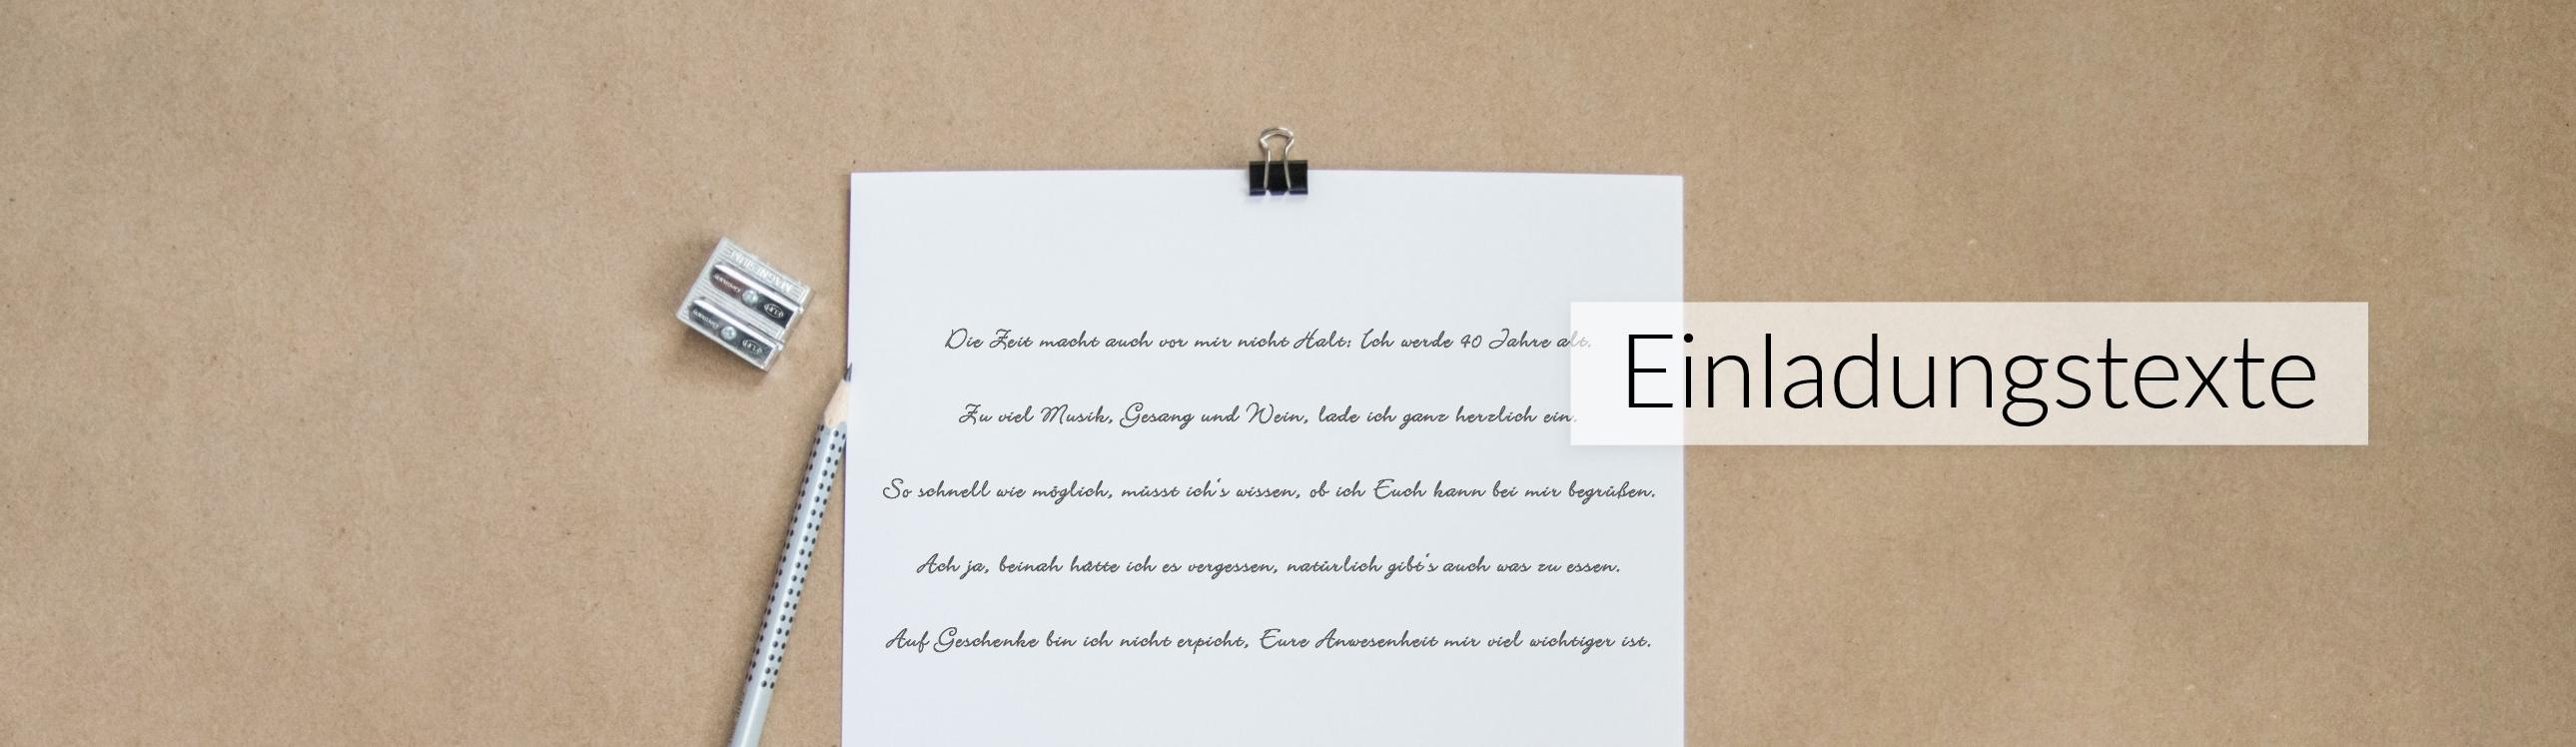 Einladungstexte Dankestexte Gedichte Textvorschläge Zur